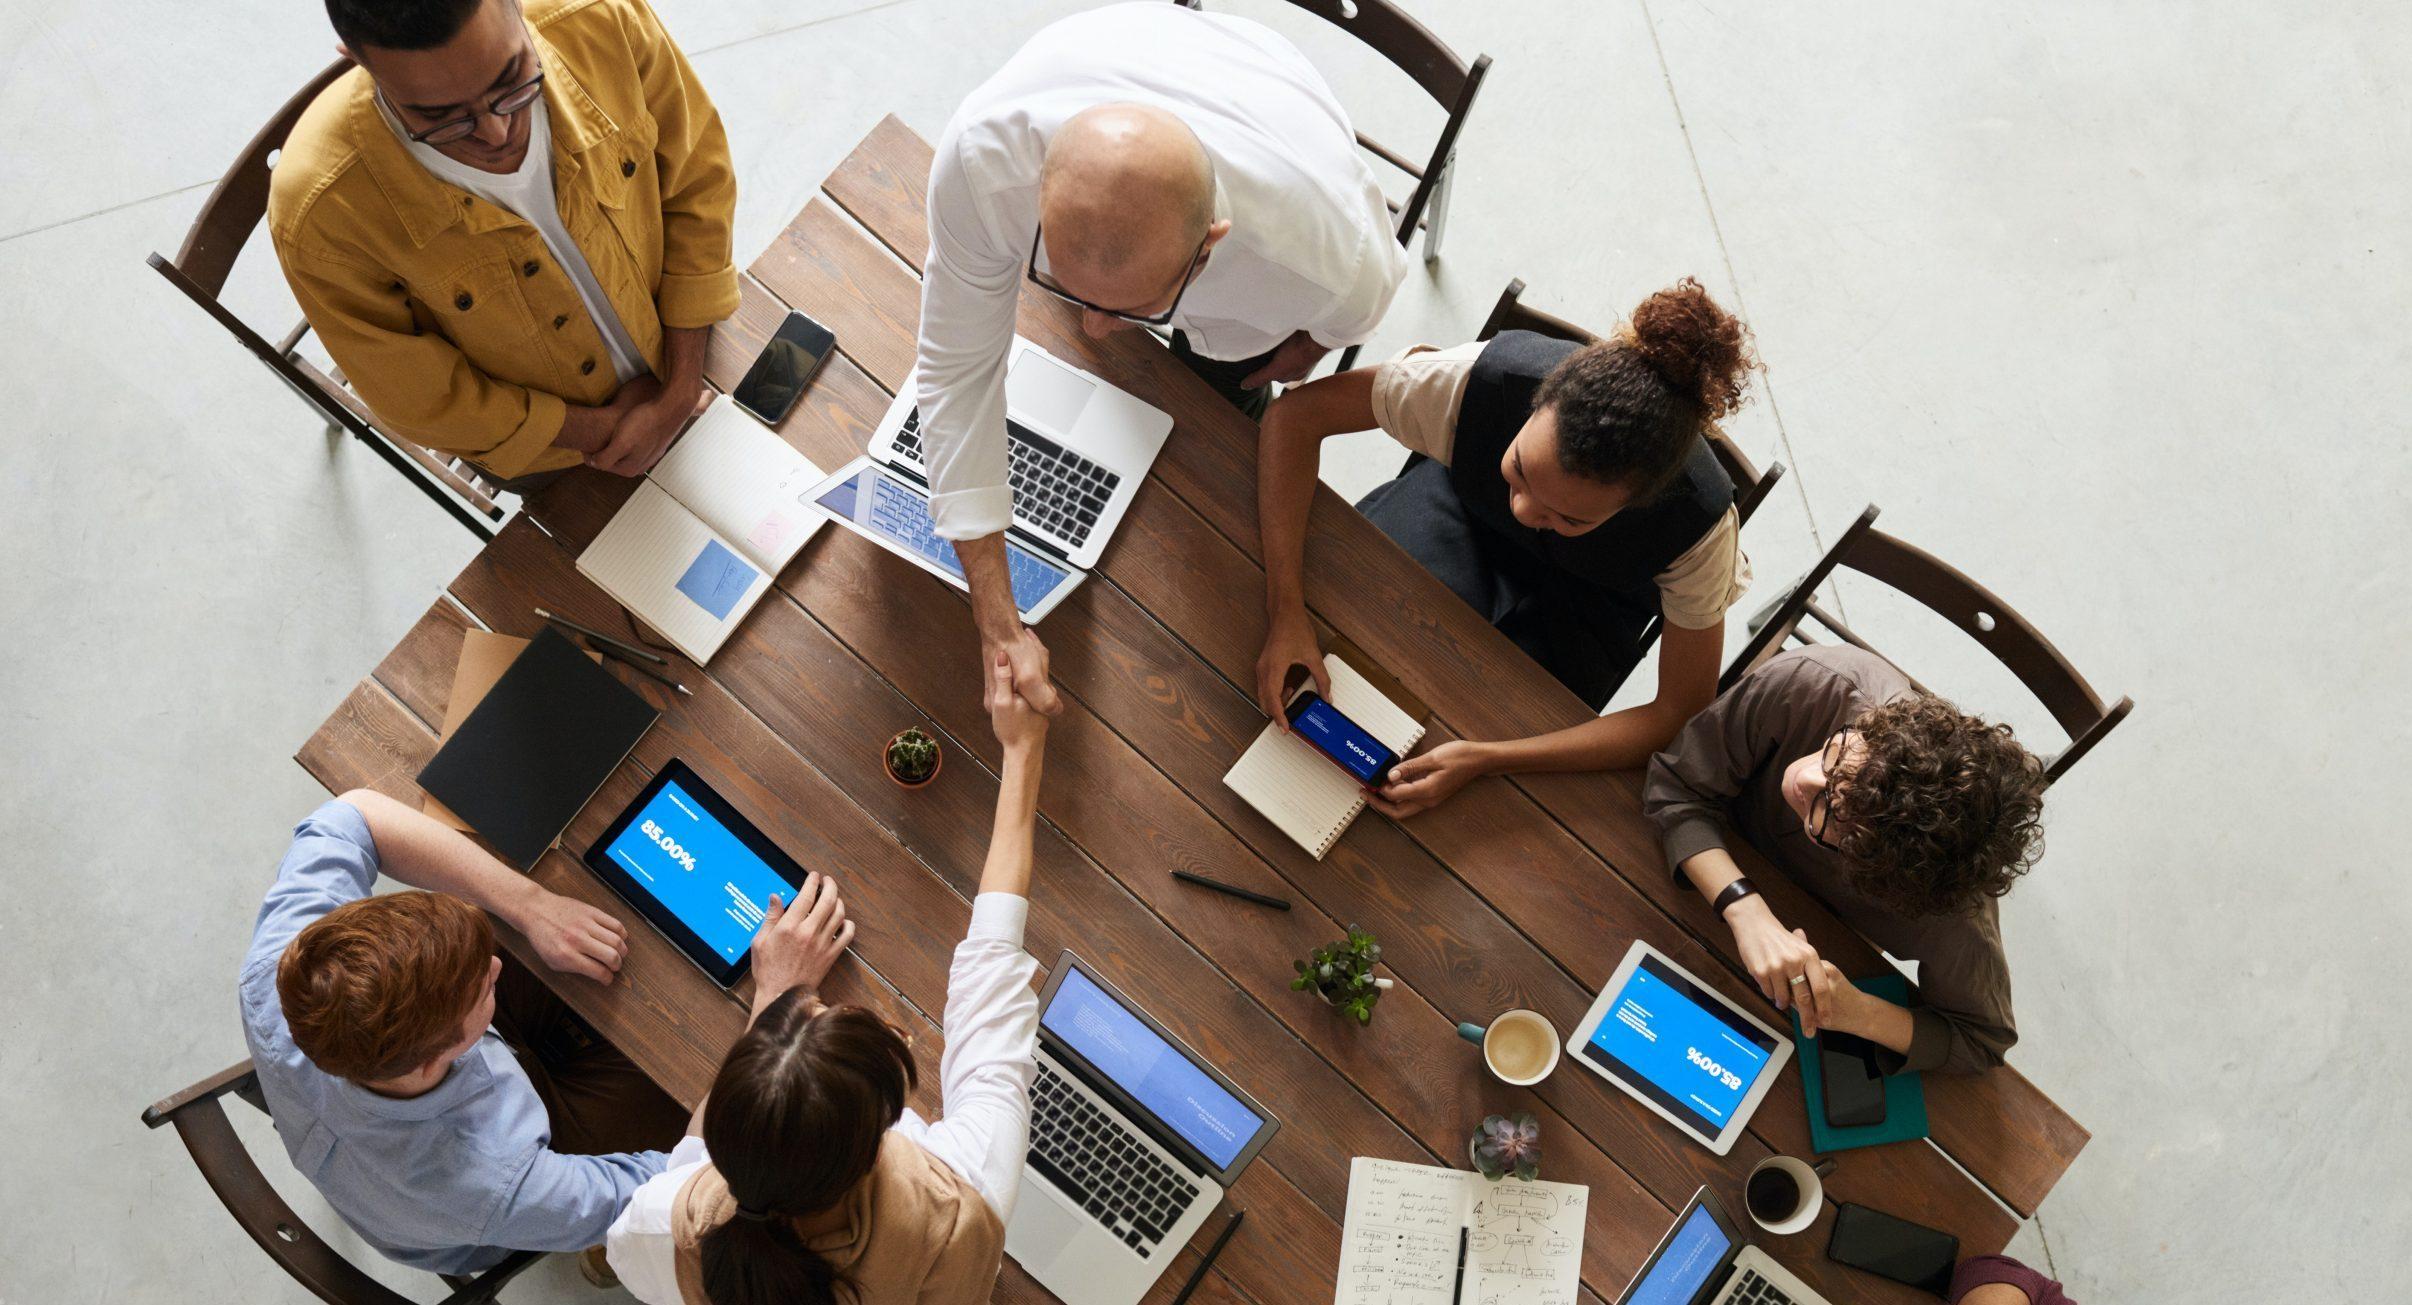 Op tijd de samenwerking tussen OR en bestuurder starten resulteert in het beste plan voor de toekomst.